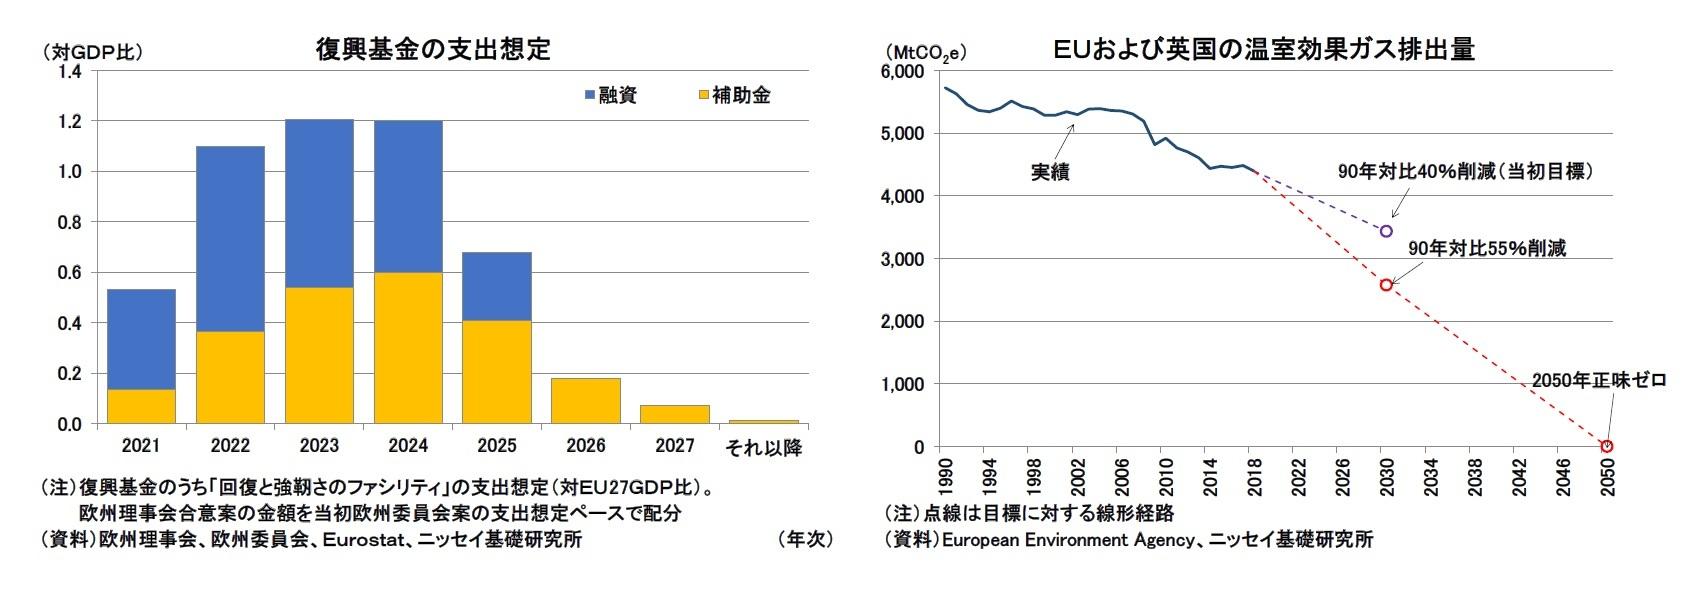 復興基金の支出想定/EUおよび英国の温室効果ガス排出量